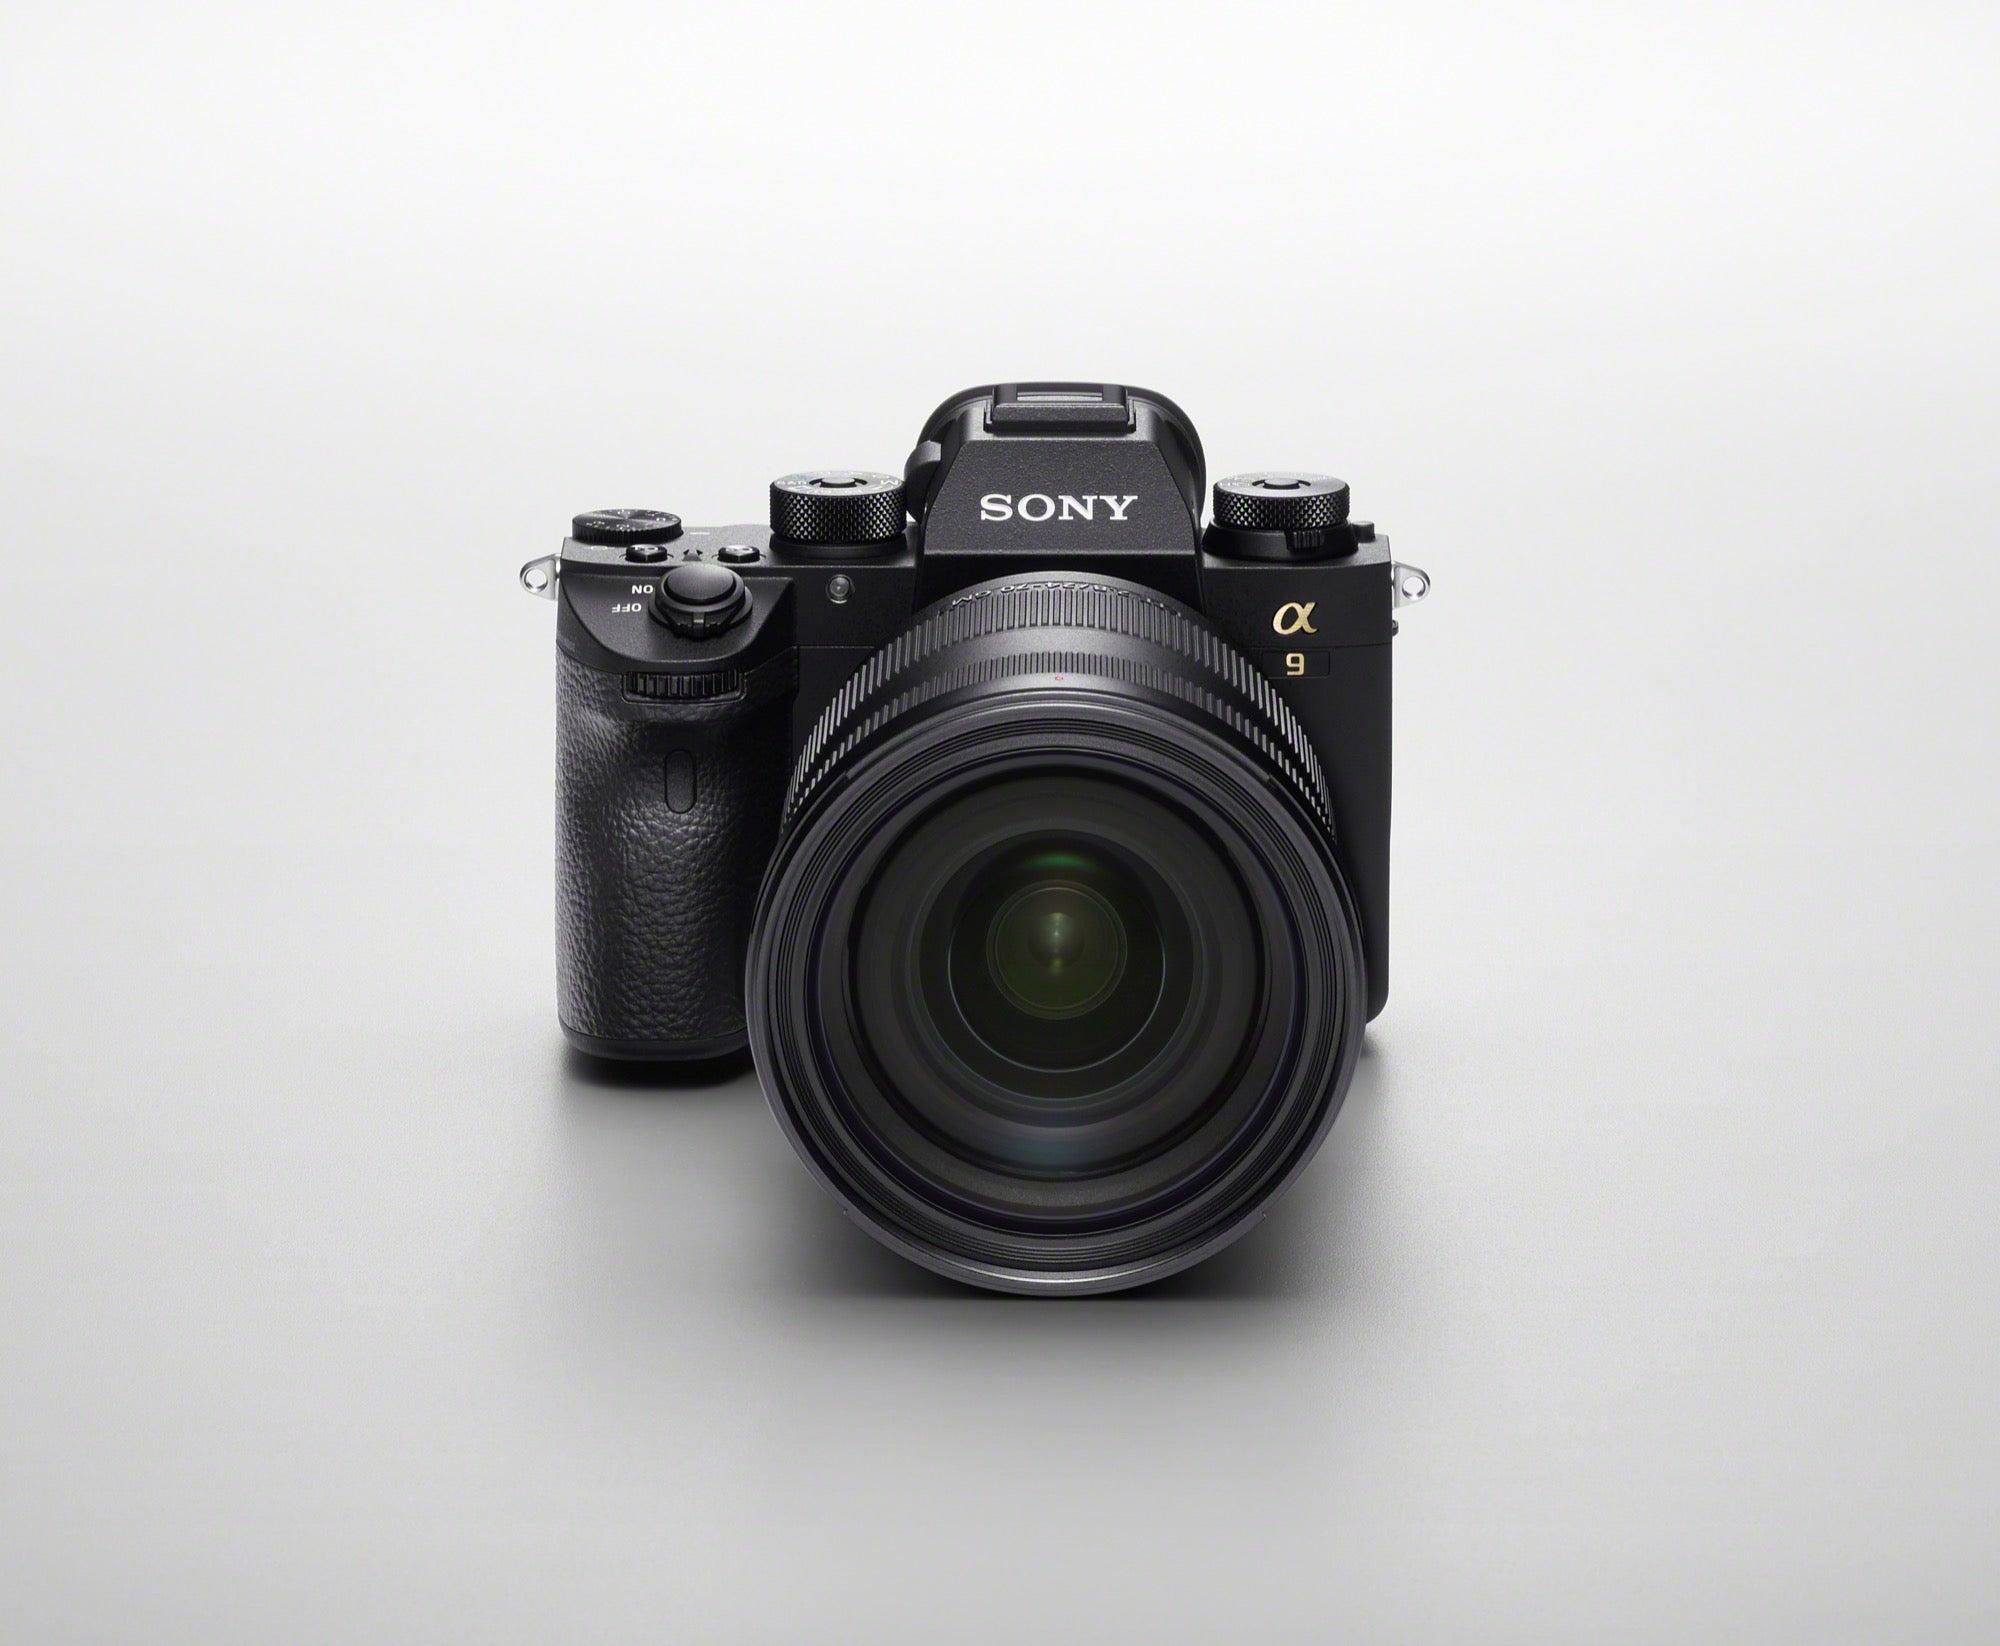 Sony Announces α9 Camera Upgrade Through Major Firmware